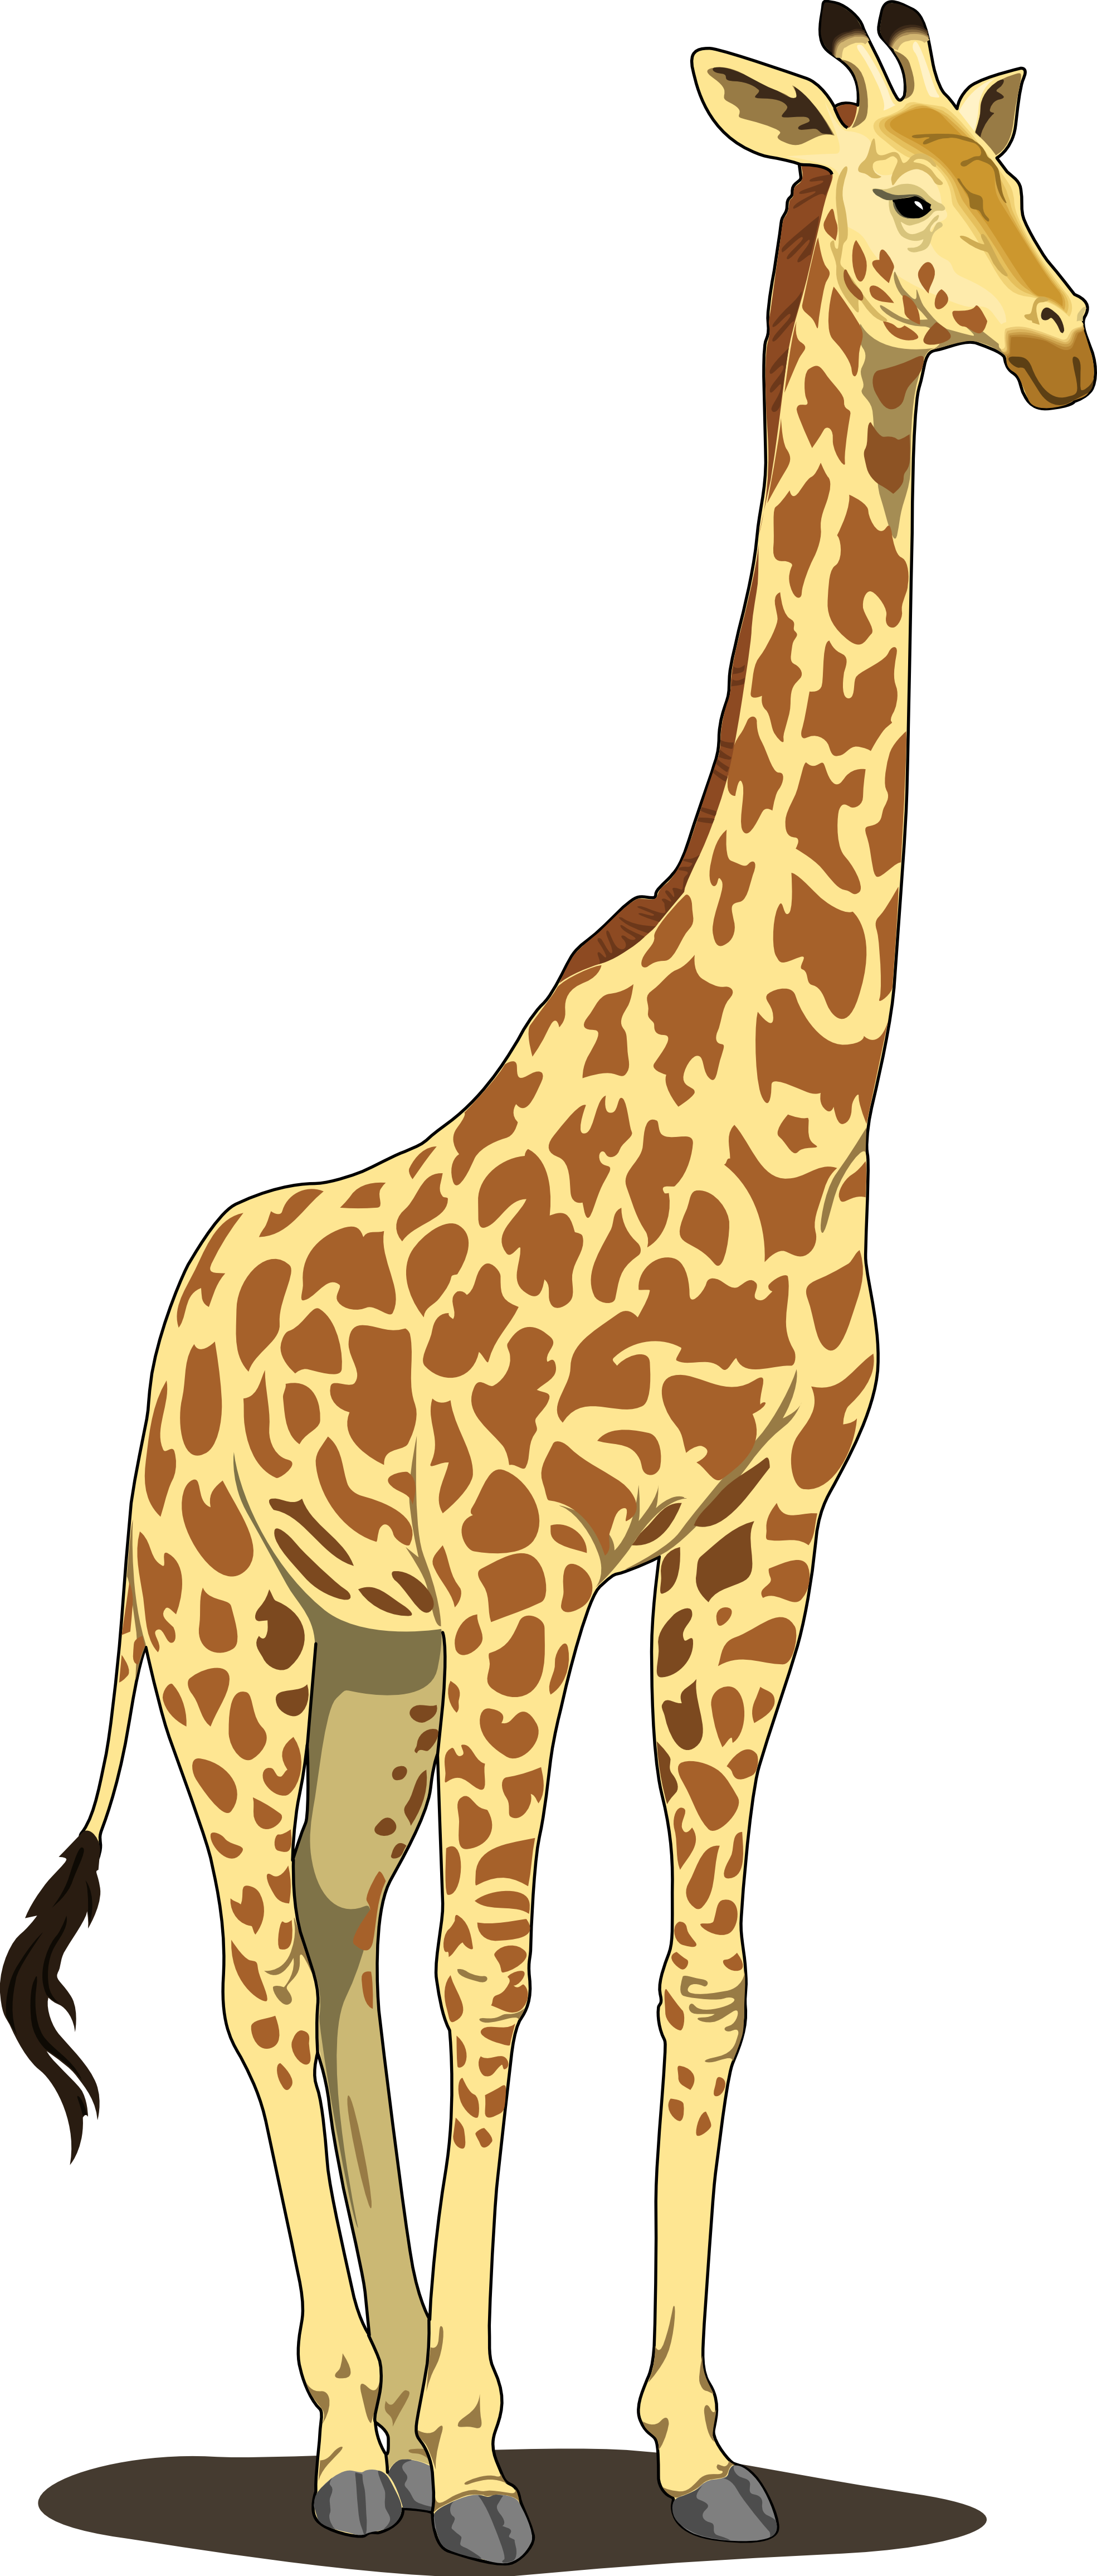 small resolution of giraffe clipart widescreen 2 hd wallpapers